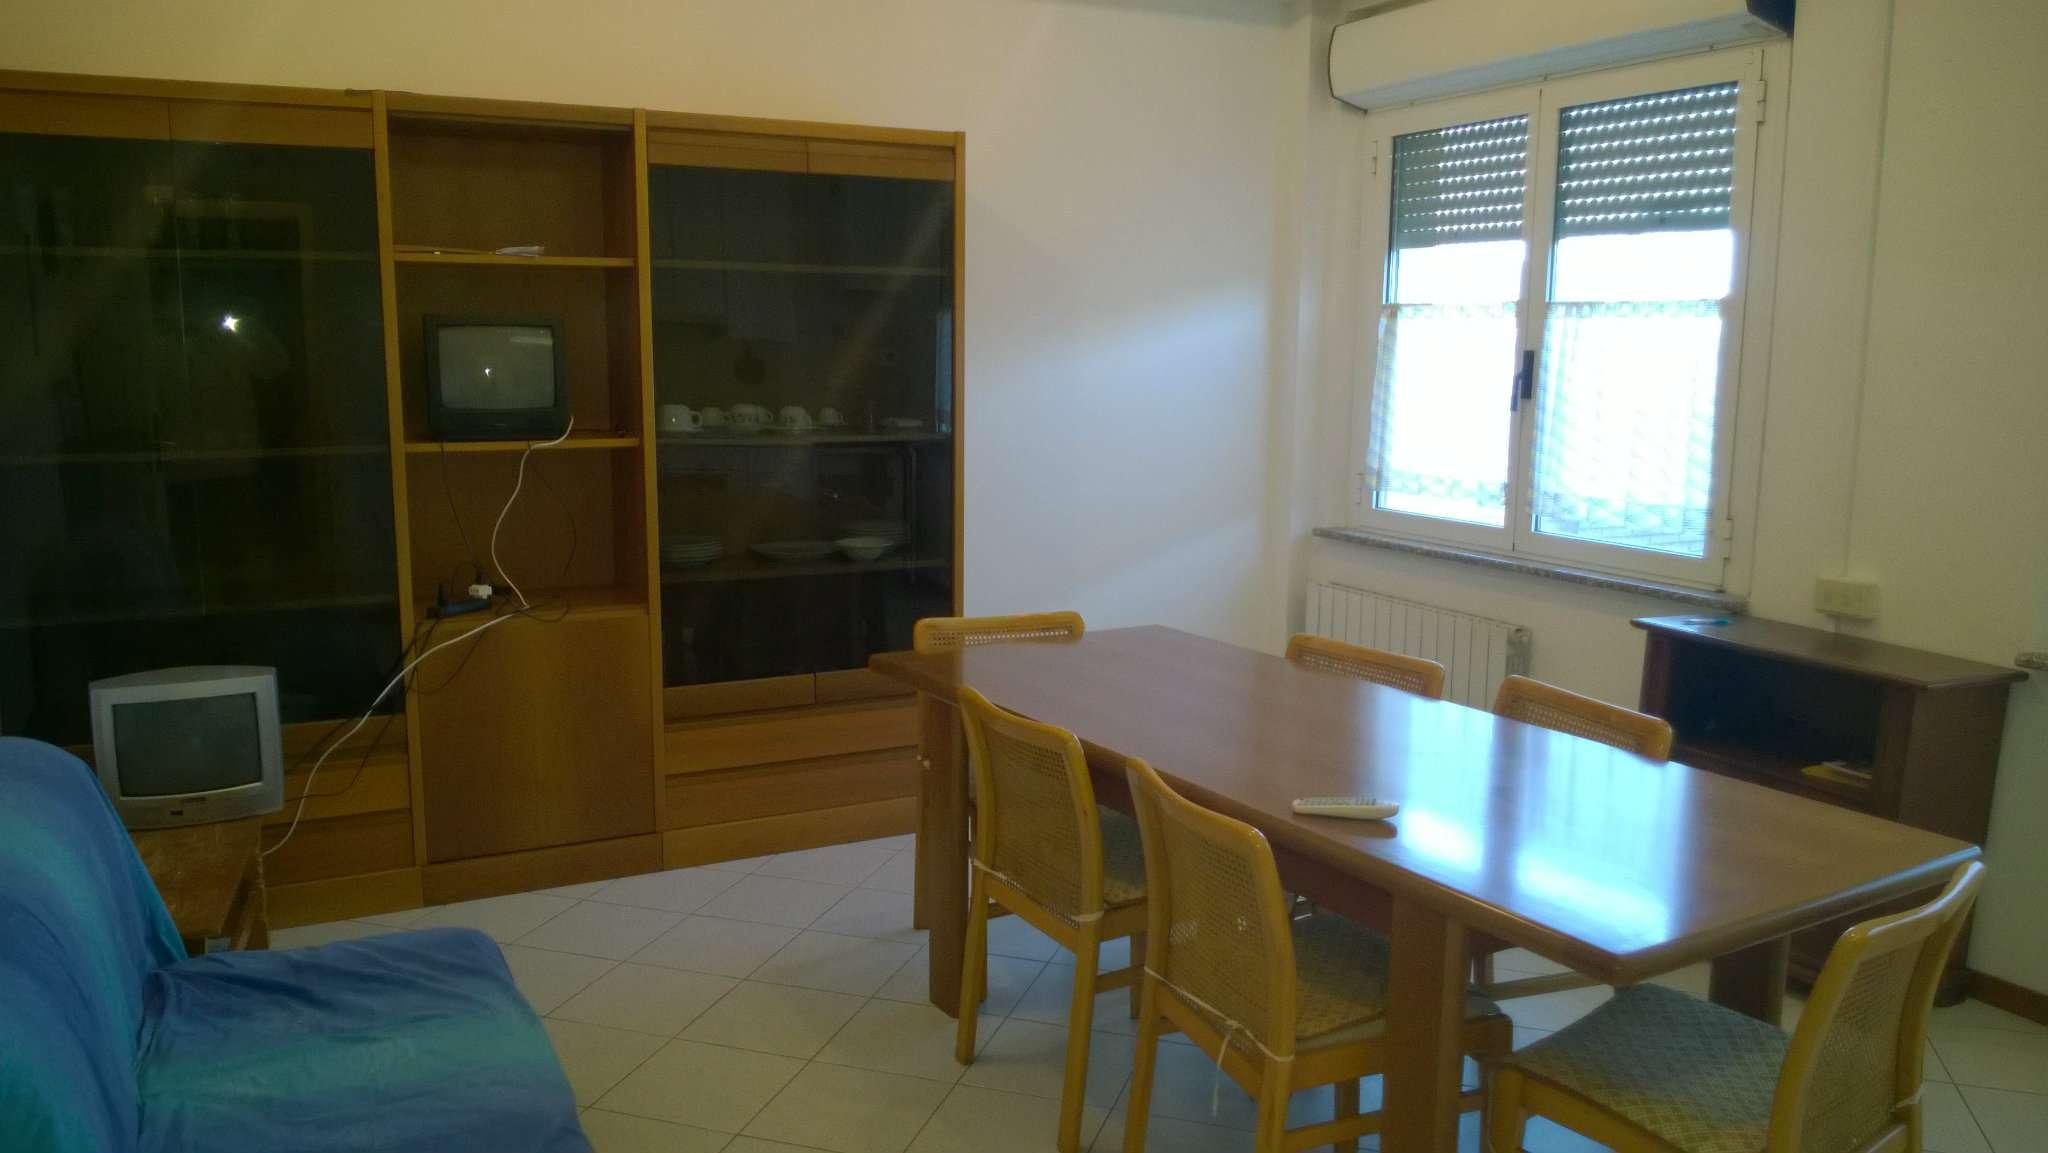 Appartamento in vendita a Porto Sant'Elpidio, 3 locali, prezzo € 105.000 | Cambio Casa.it